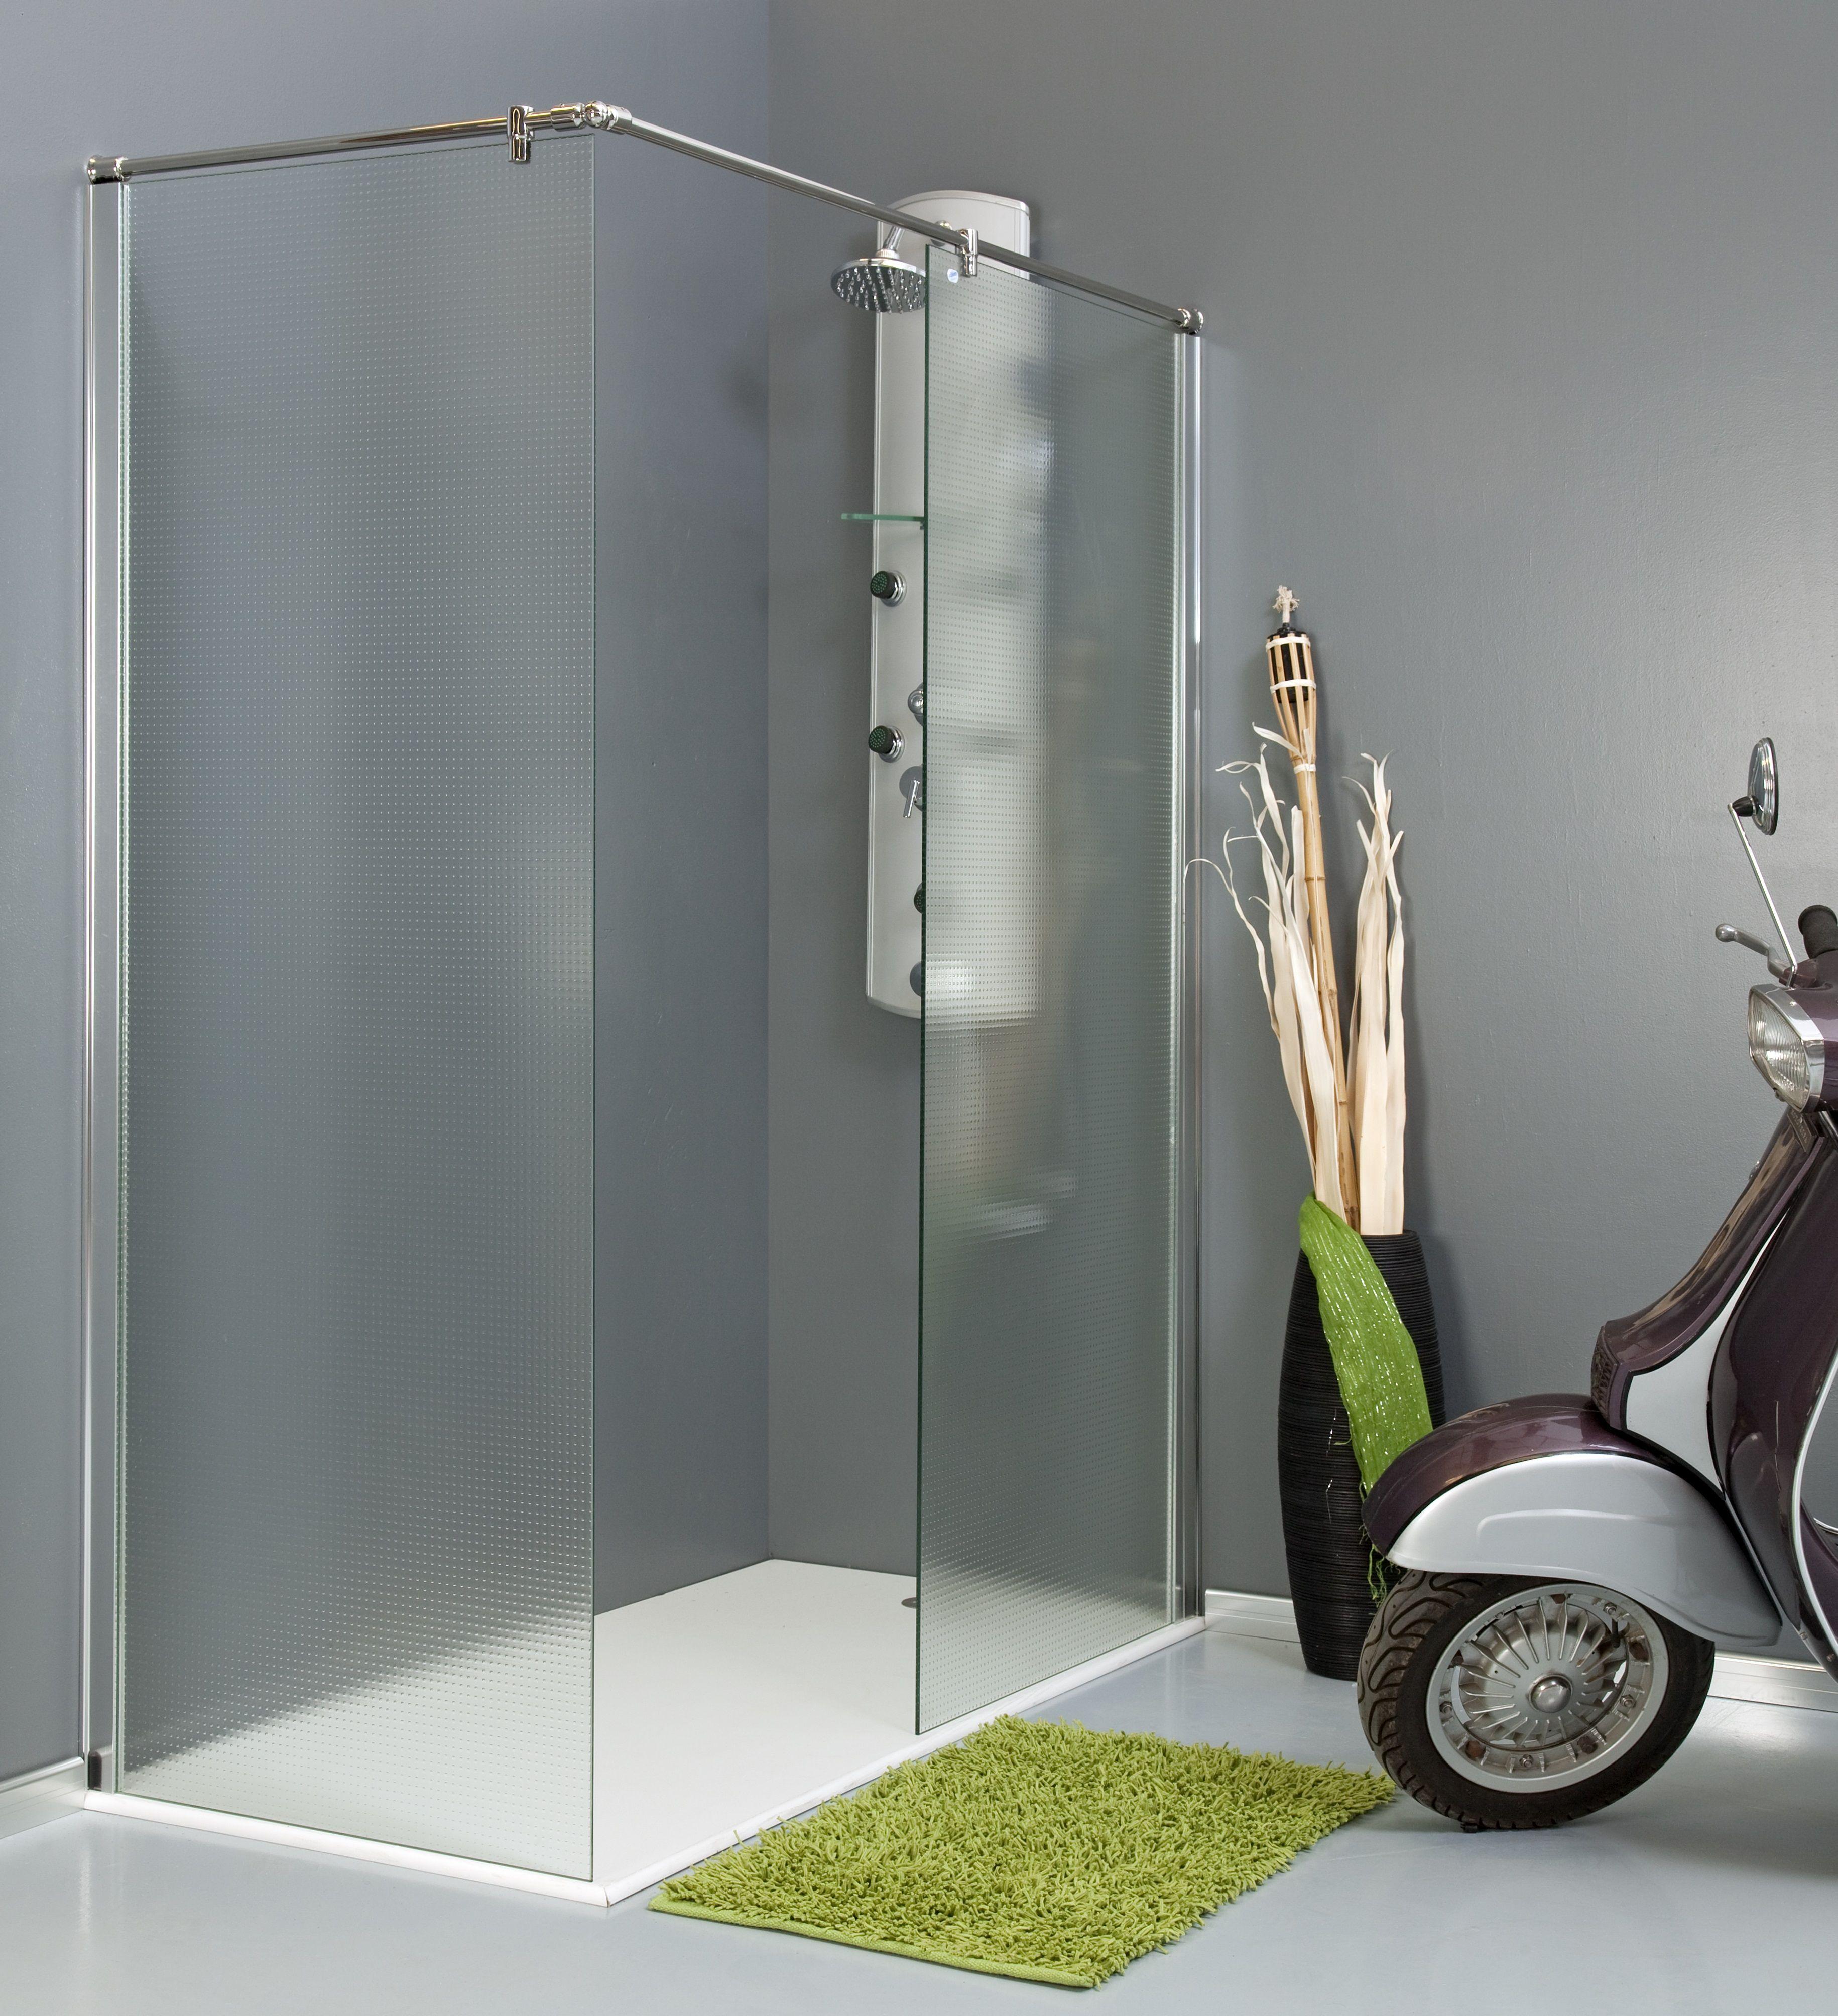 Serie liria mamparas de ba o en m laga - Mamparas de cristal para ducha ...